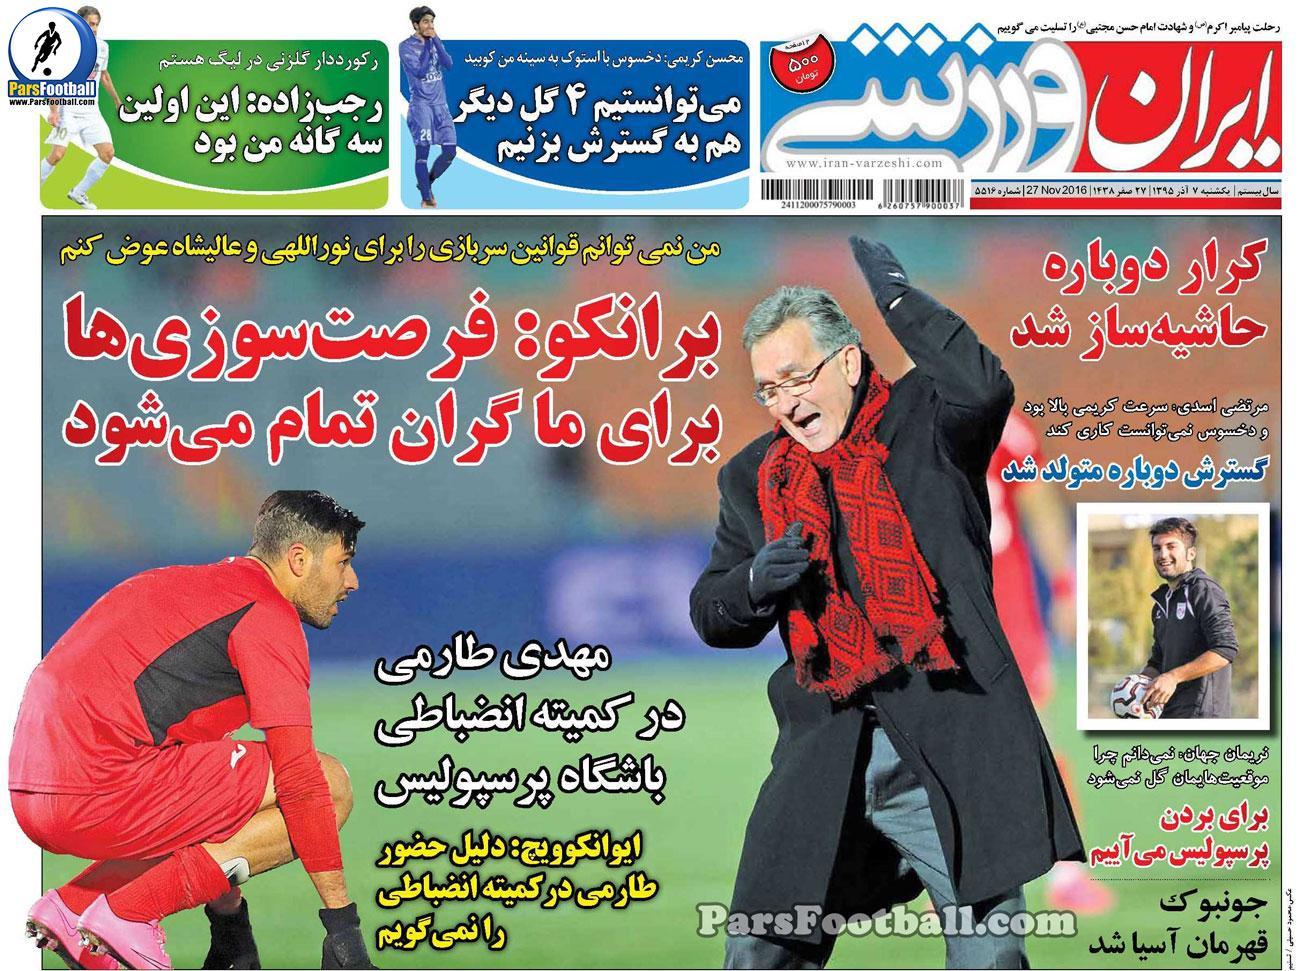 روزنامه ایران ورزشی یکشنبه 7 آذر 95